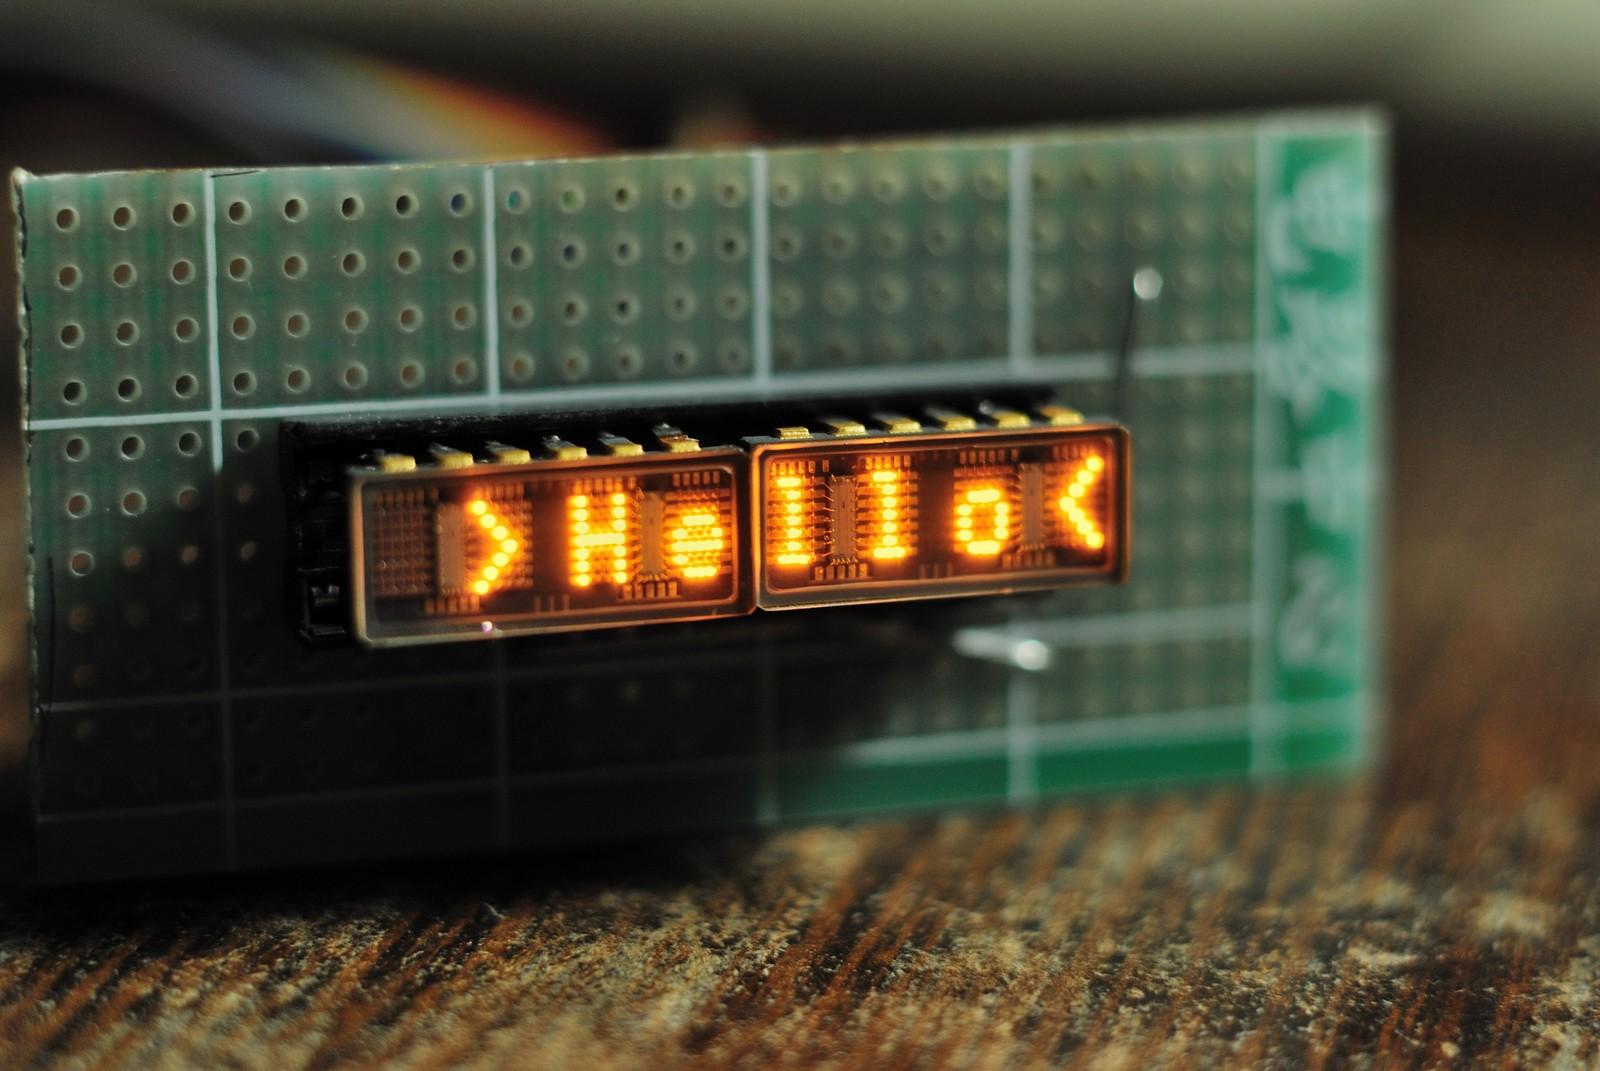 Dateitiny Dot Matrix Led Display By Hp Wikipedia Circuit